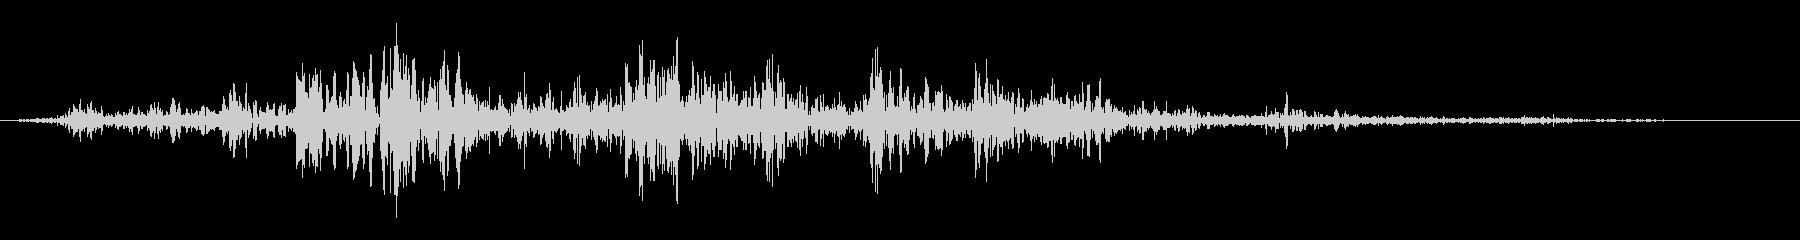 ボディヒットオンダートの未再生の波形